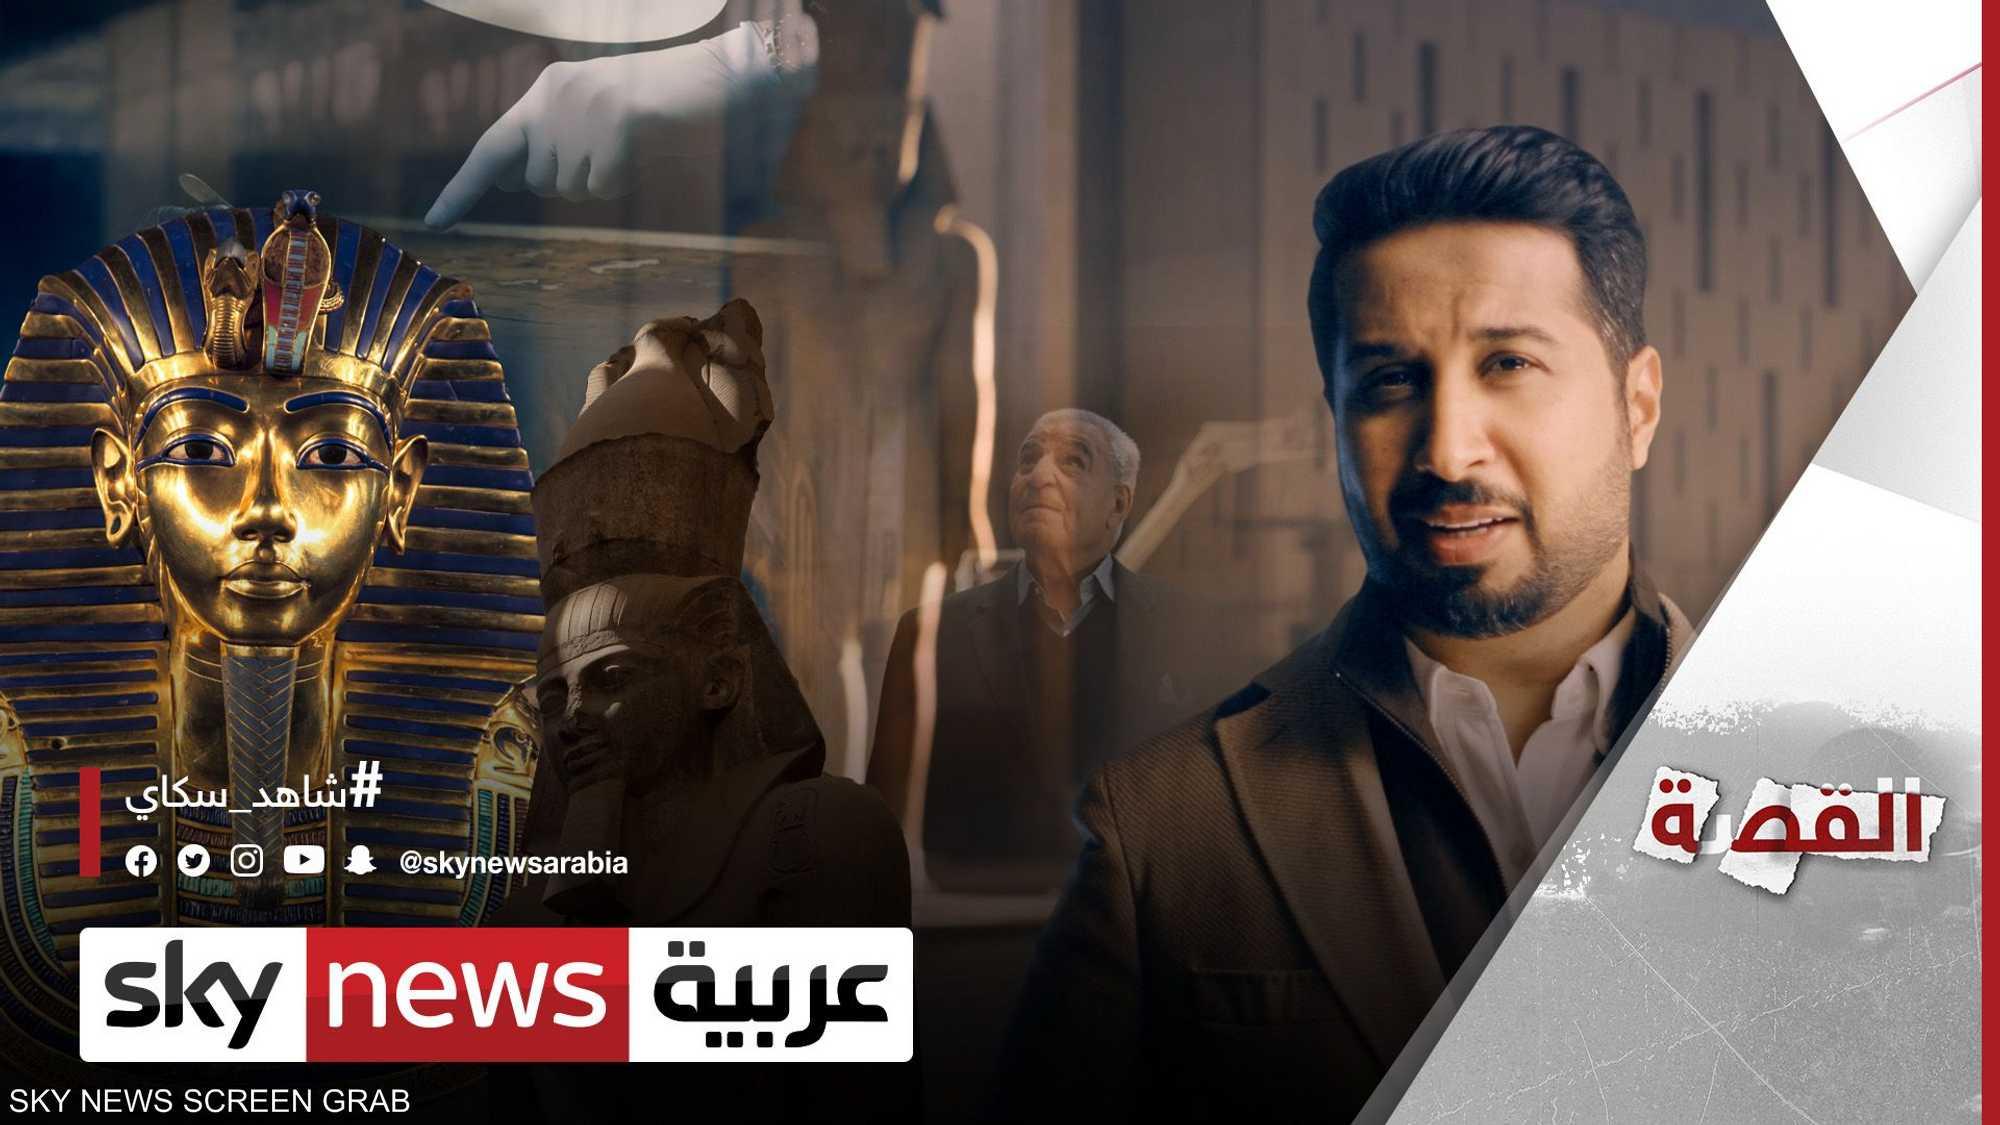 كيف جمعت مصر كنوز الفراعنة تحت سقف واحد؟